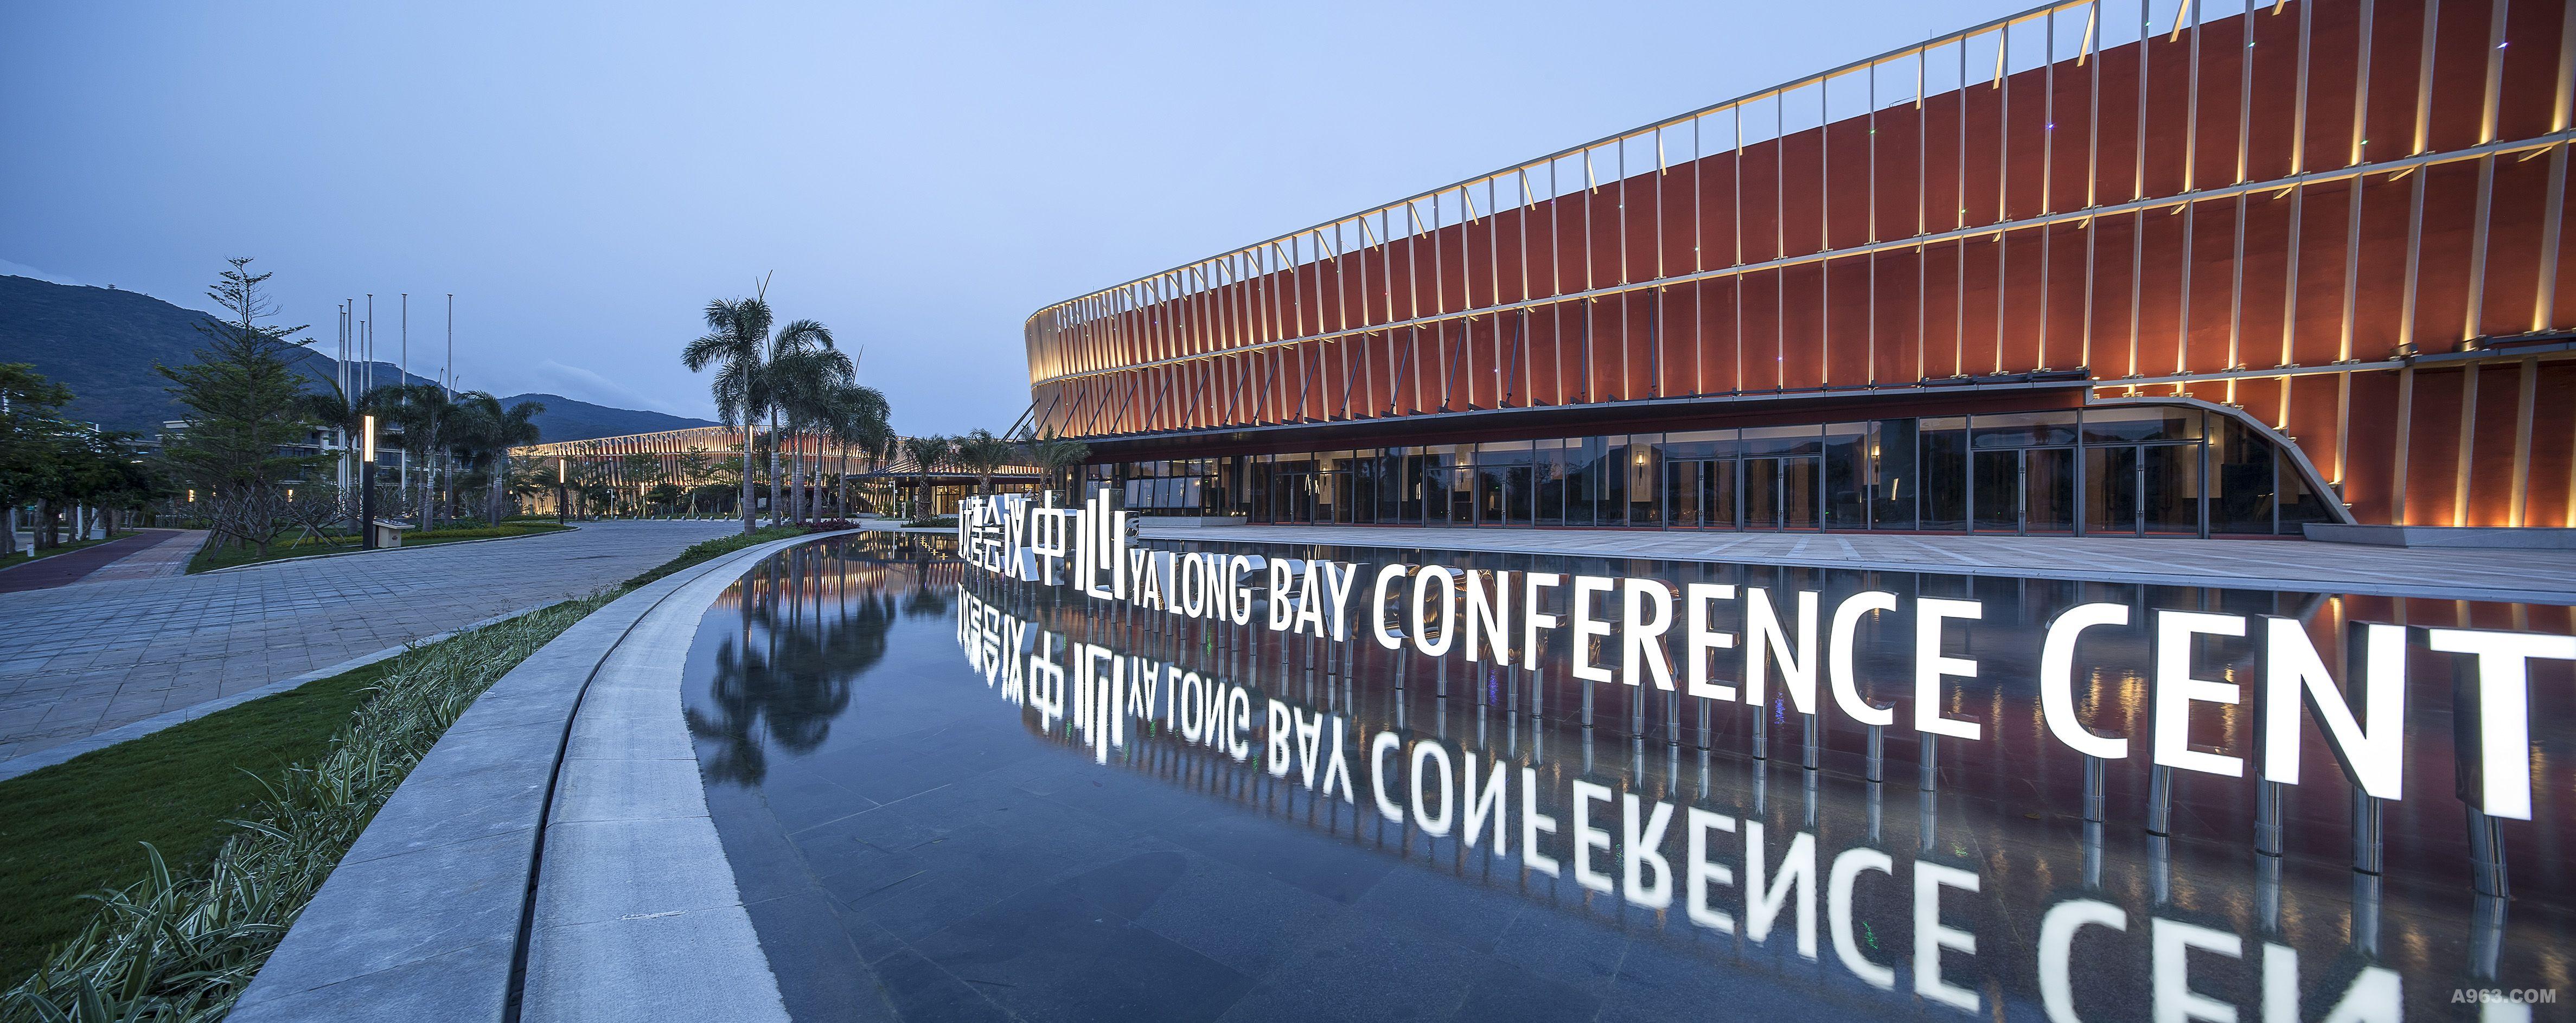 中粮亚龙湾国际会议中心